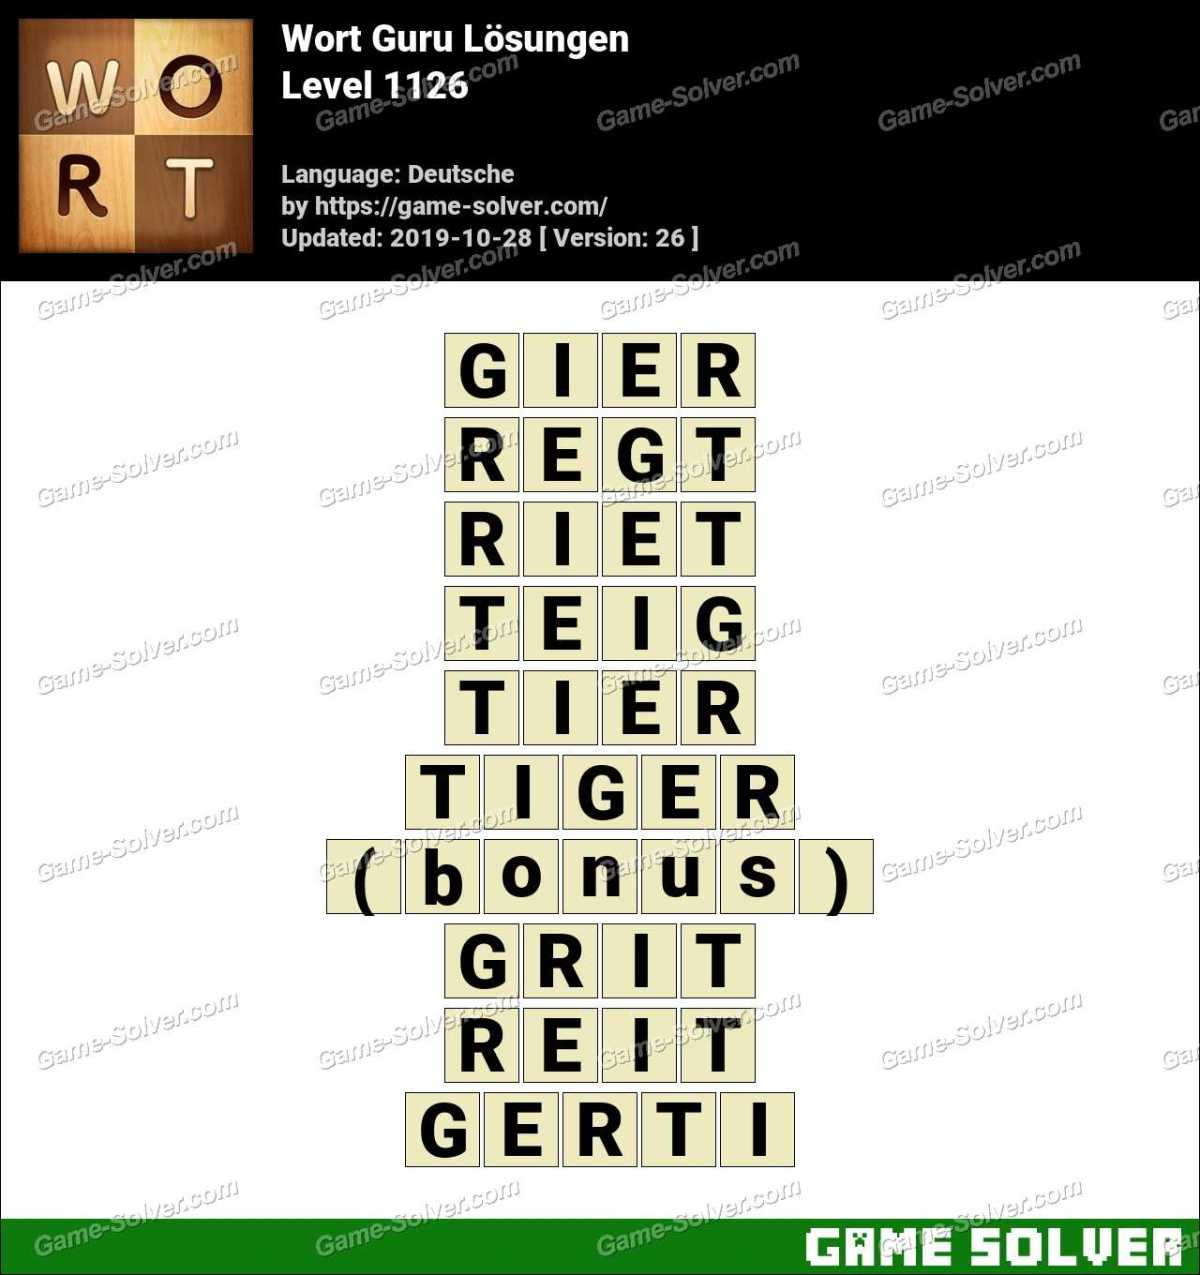 Wort Guru Level 1126 Lösungen